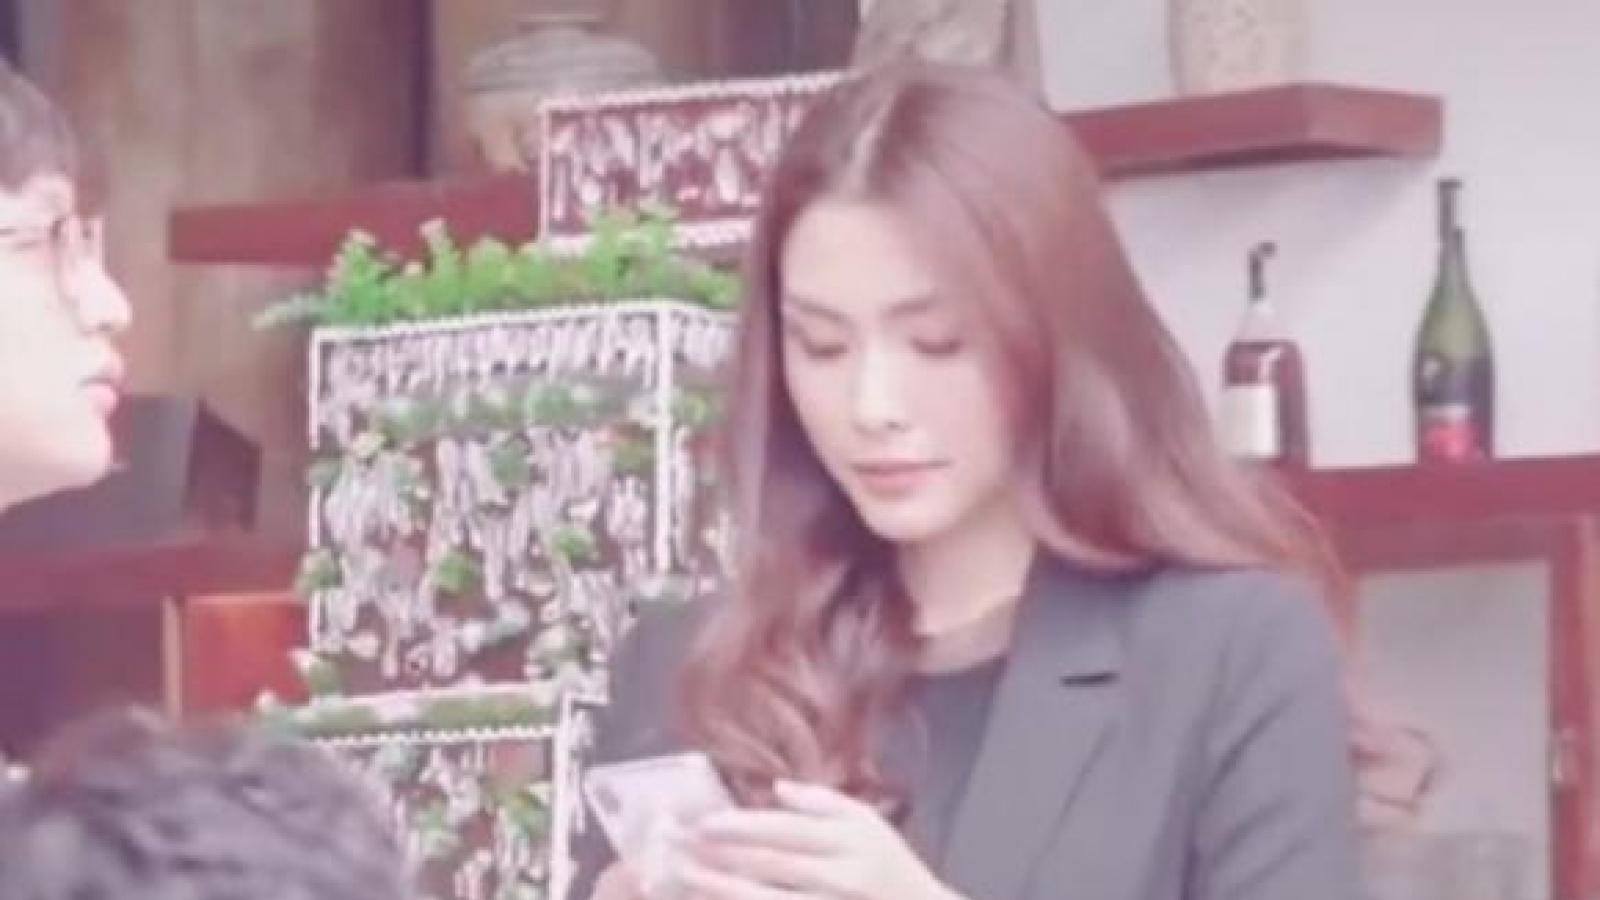 """Chuyện showbiz: Tăng Thanh Hà khoe nhan sắc đỉnh cao dưới ống kính của """"team qua đường"""""""